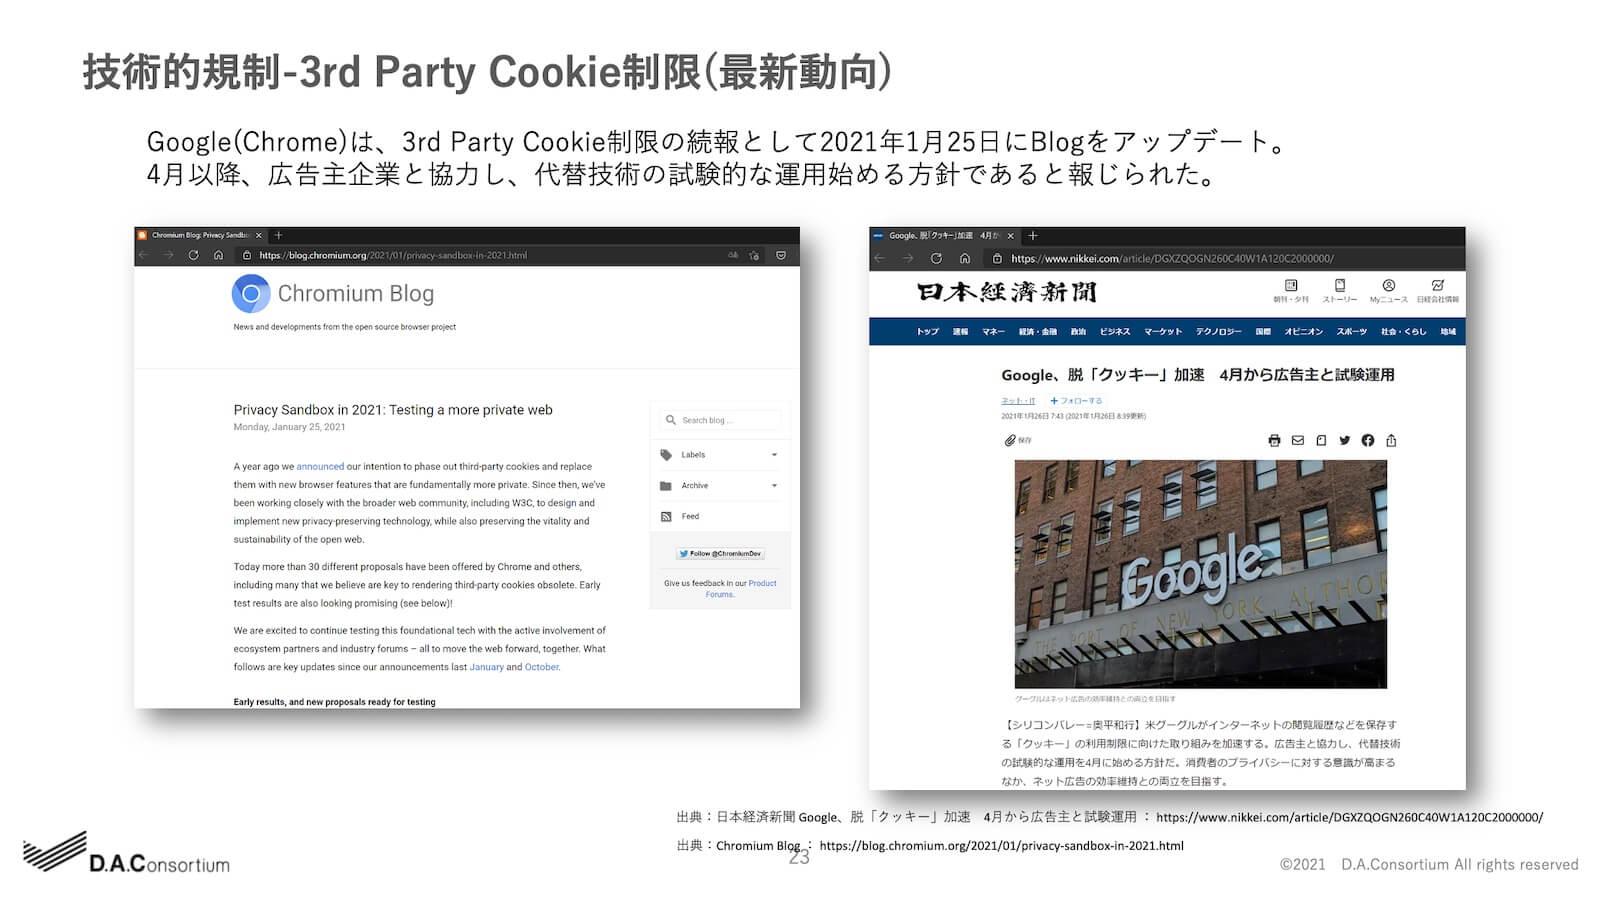 技術的規制-3rd Party Cookie制限(最新動向)